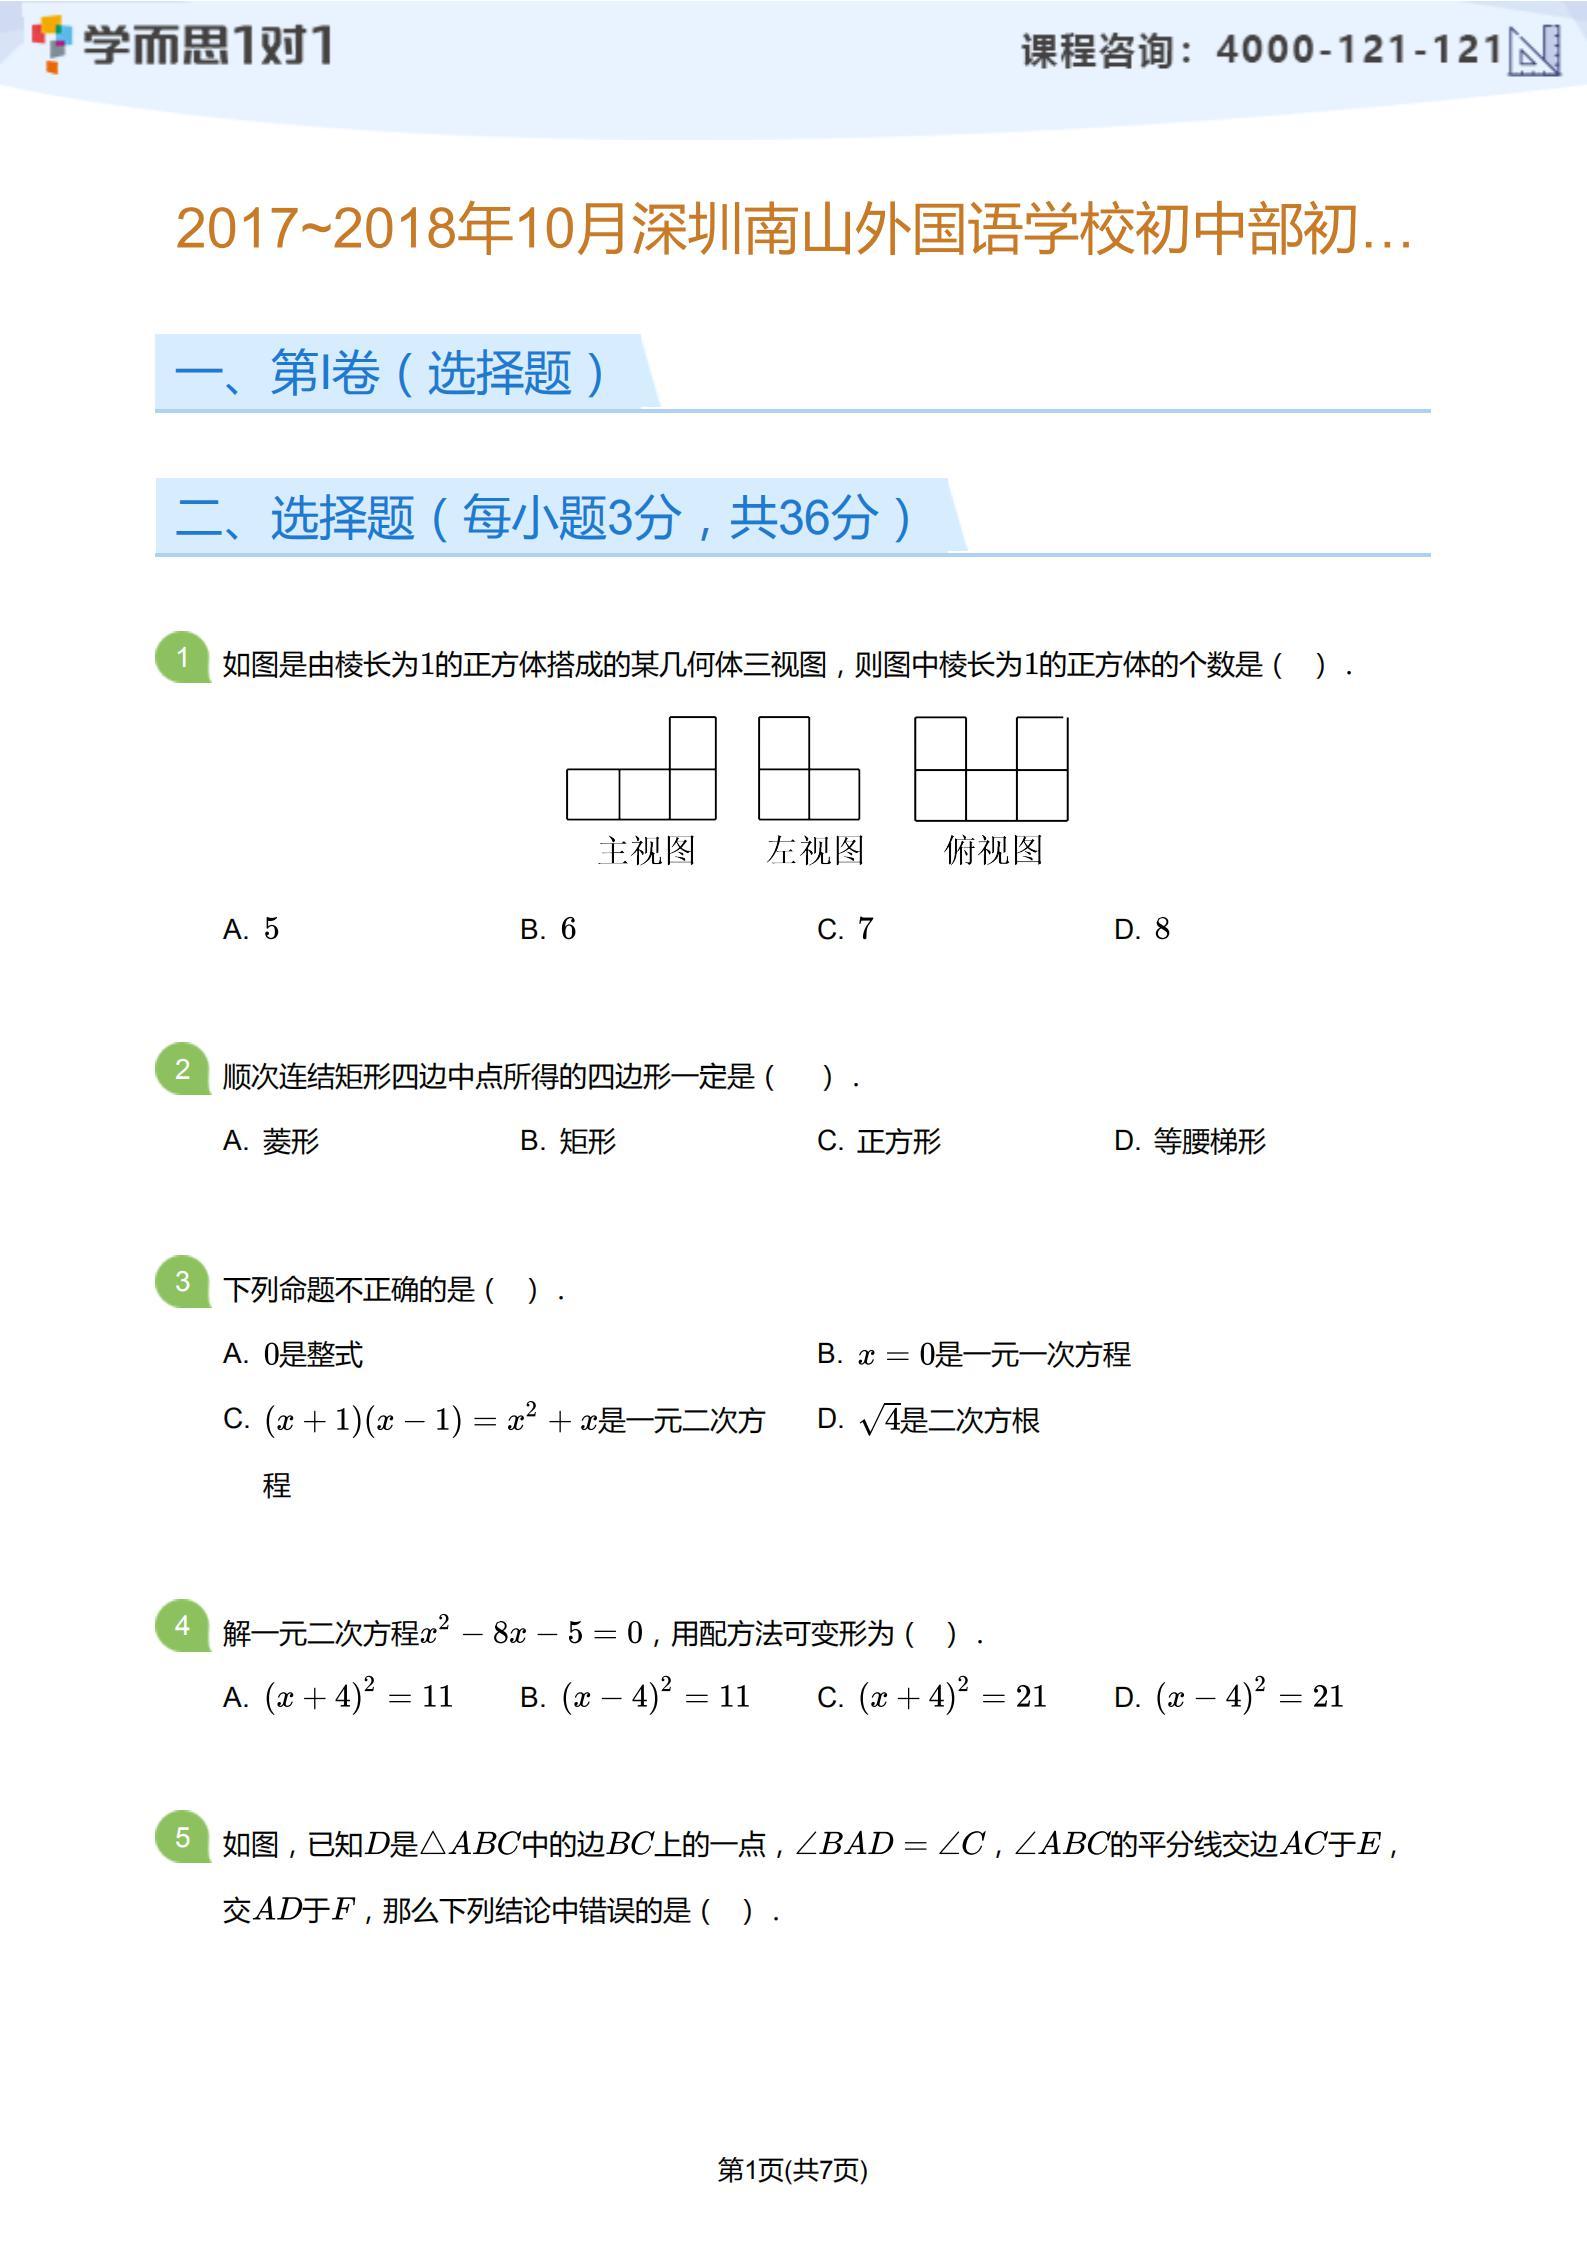 2017-2018学年10月深圳南山外国语学校初三上月考数学试卷及答案